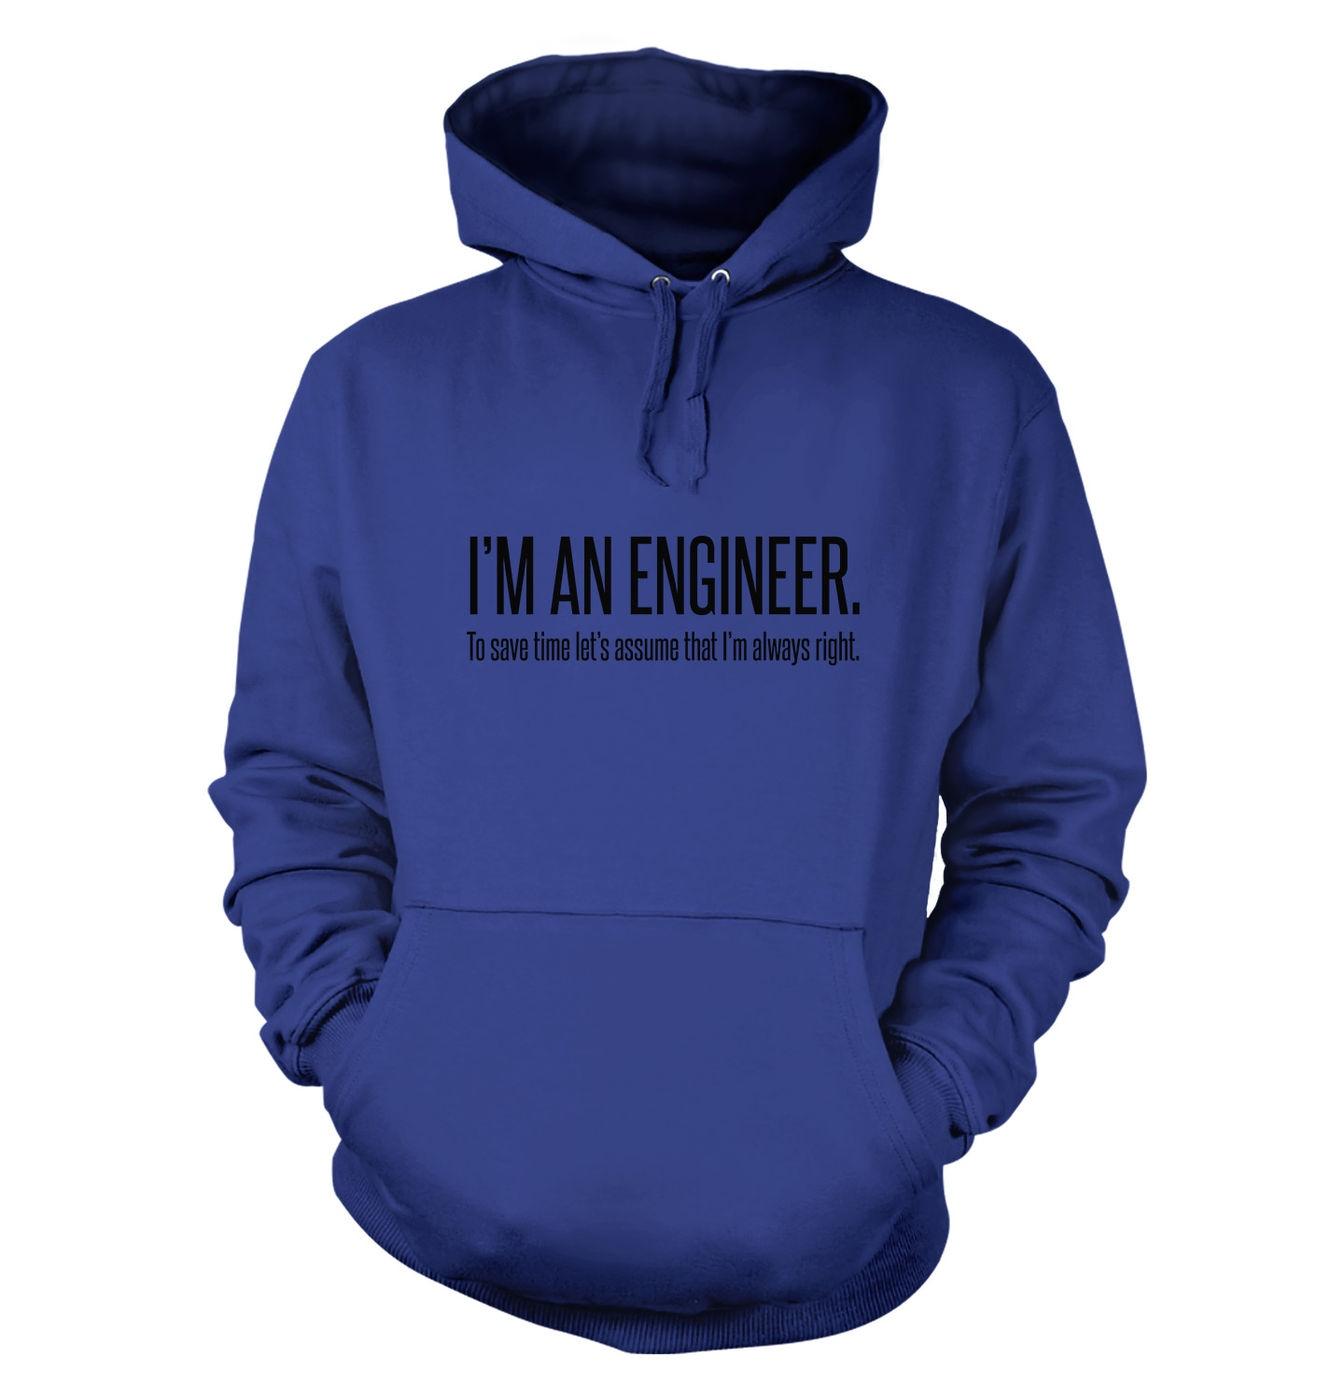 Engineer Always Right hoodie by Something Geeky